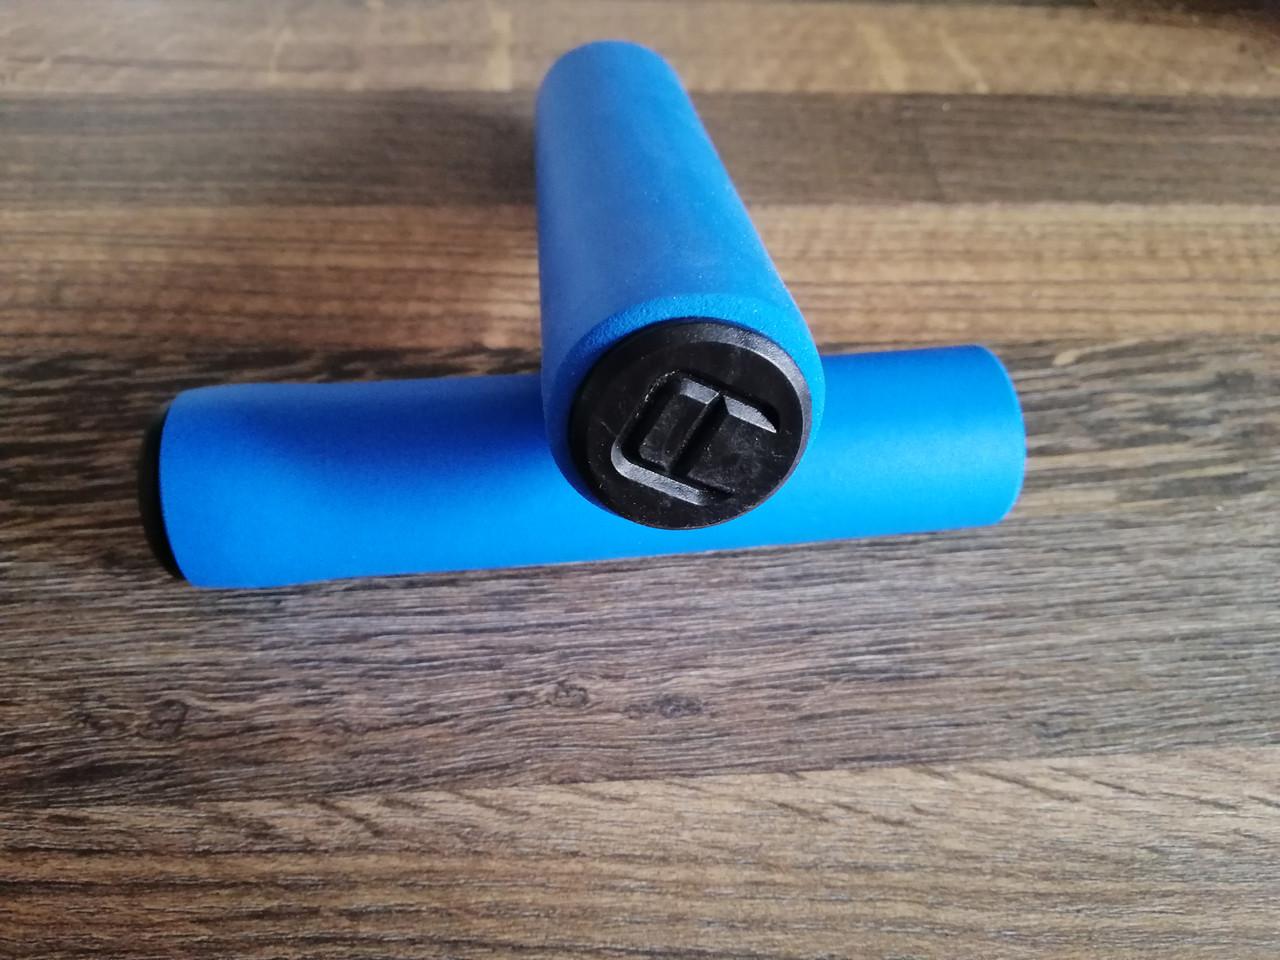 Грипсы пенные Aoperate,ручки для велосипеда на руль, рукоятки для руля велосипеда,велоручки СИНИЕ,гріпси